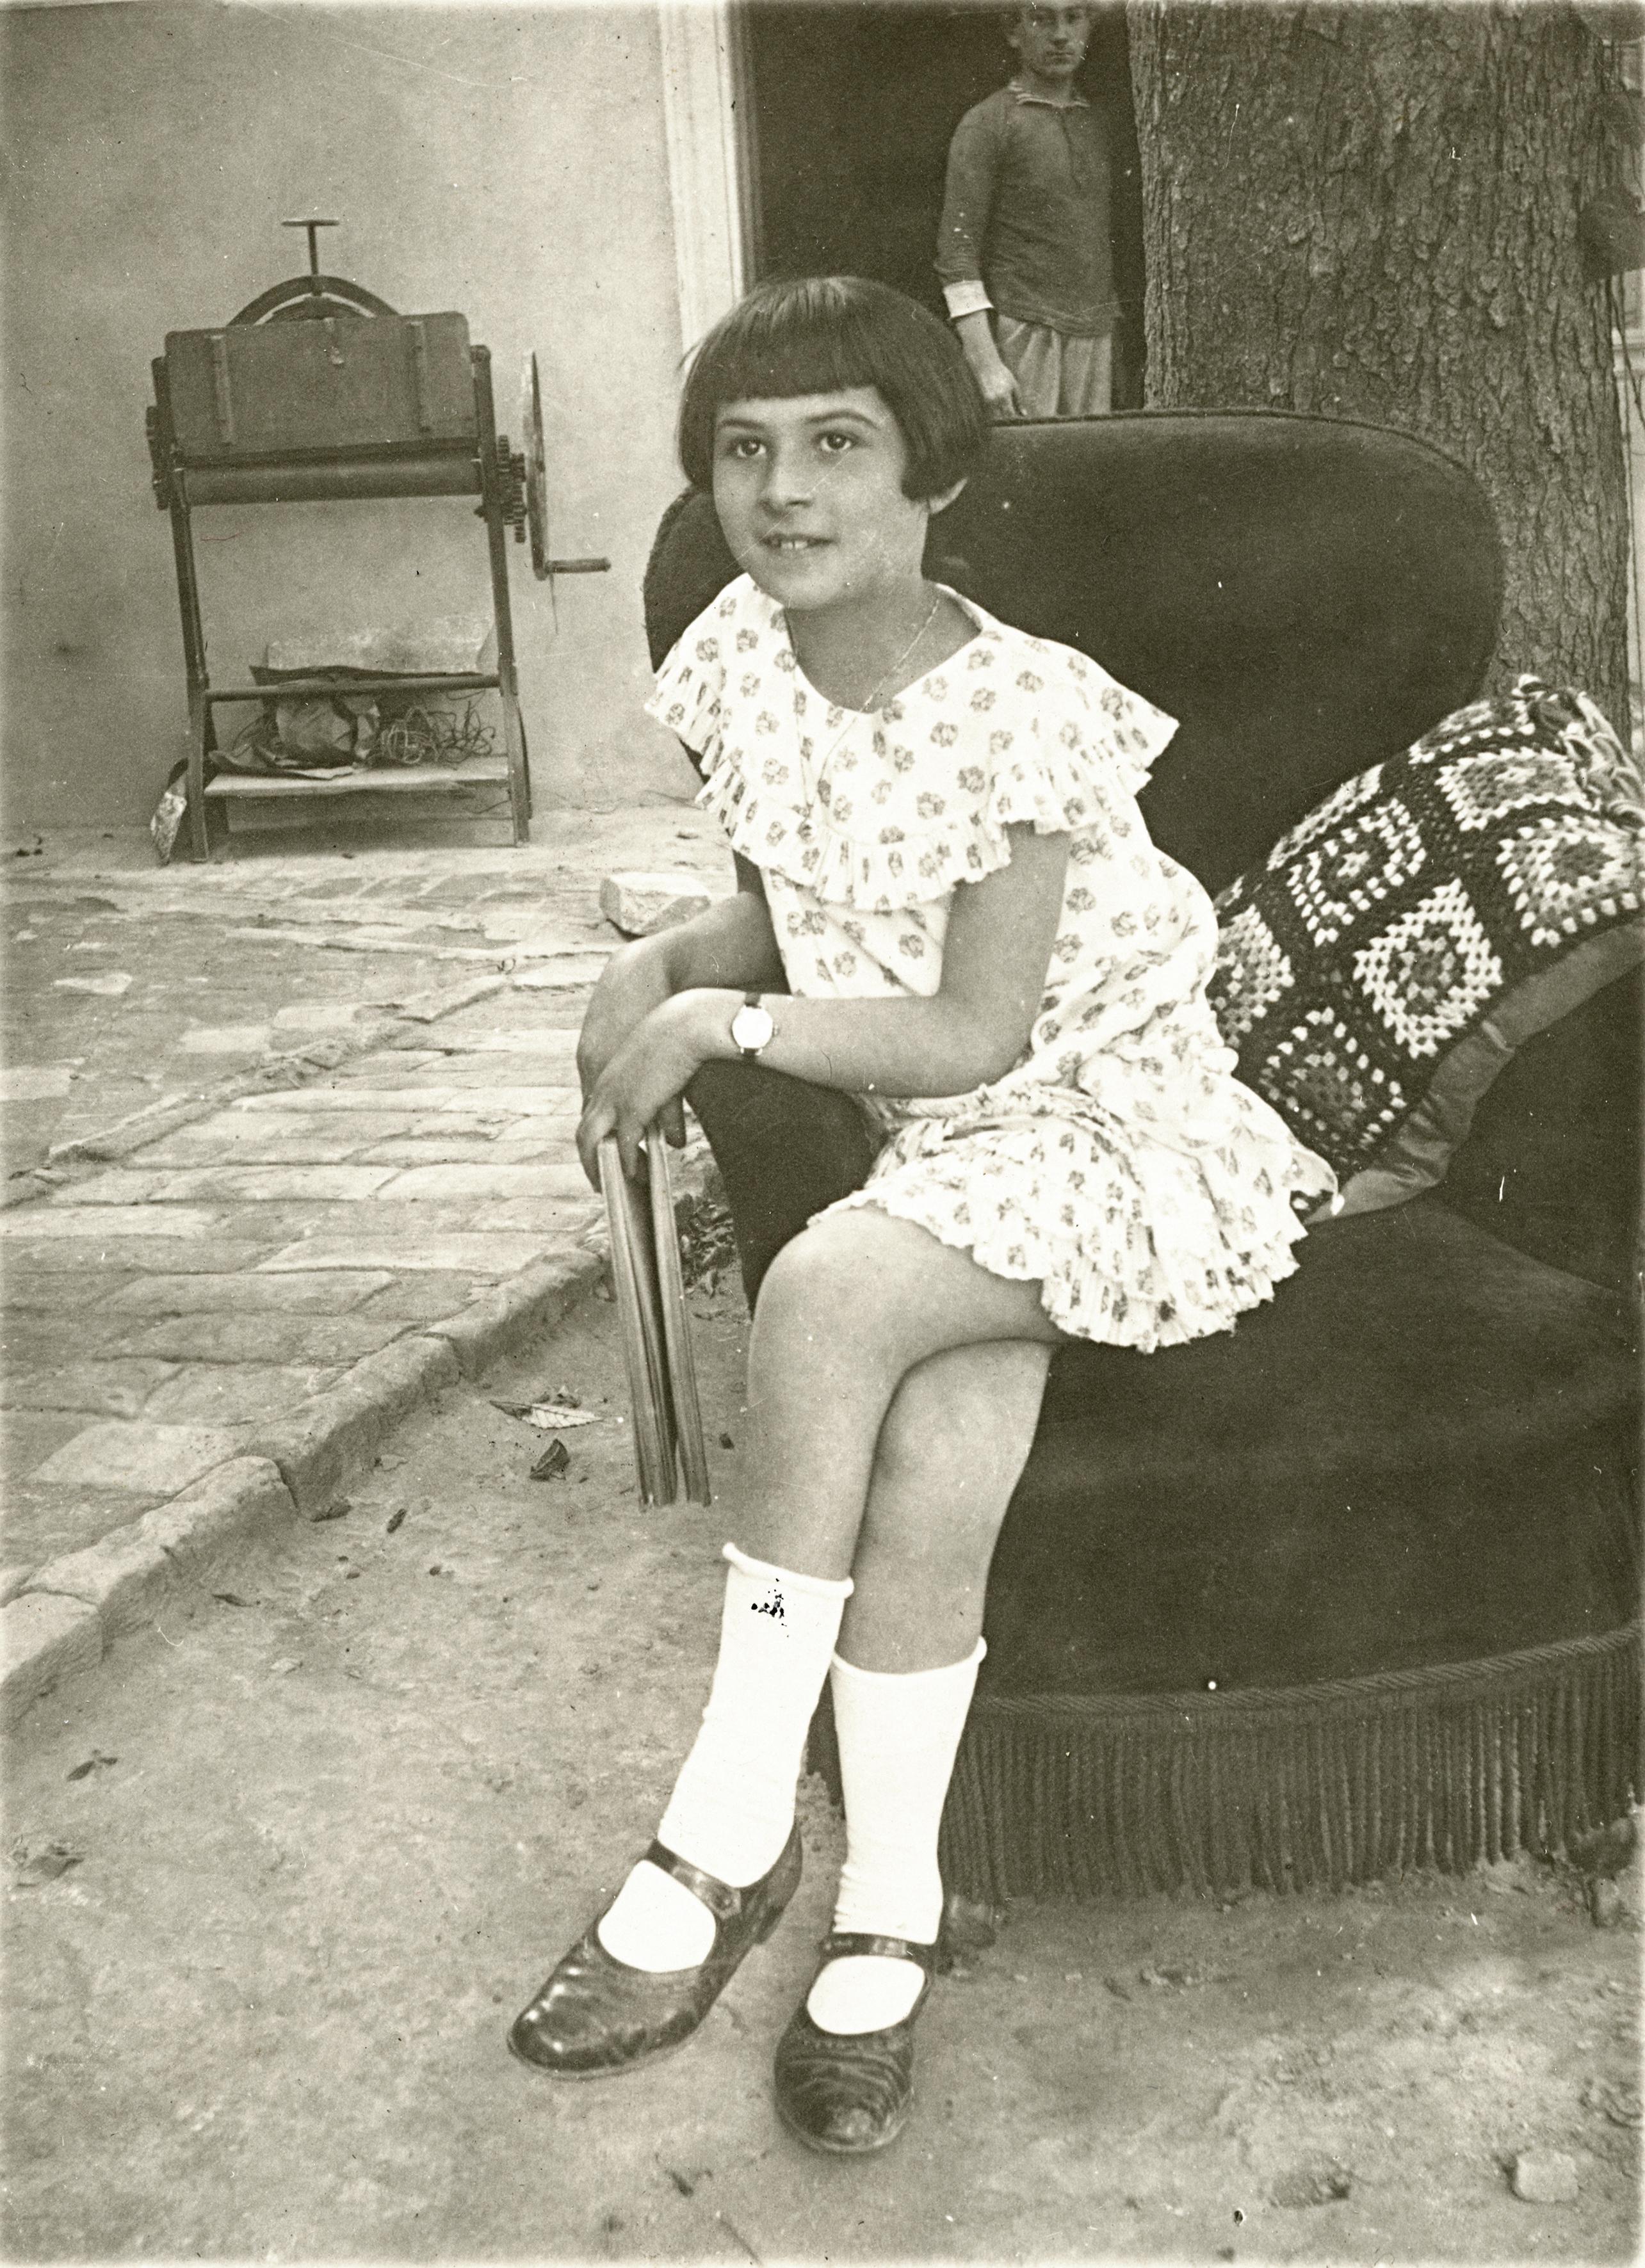 Sz. Lajosné tíz évesen a házuk udvarán